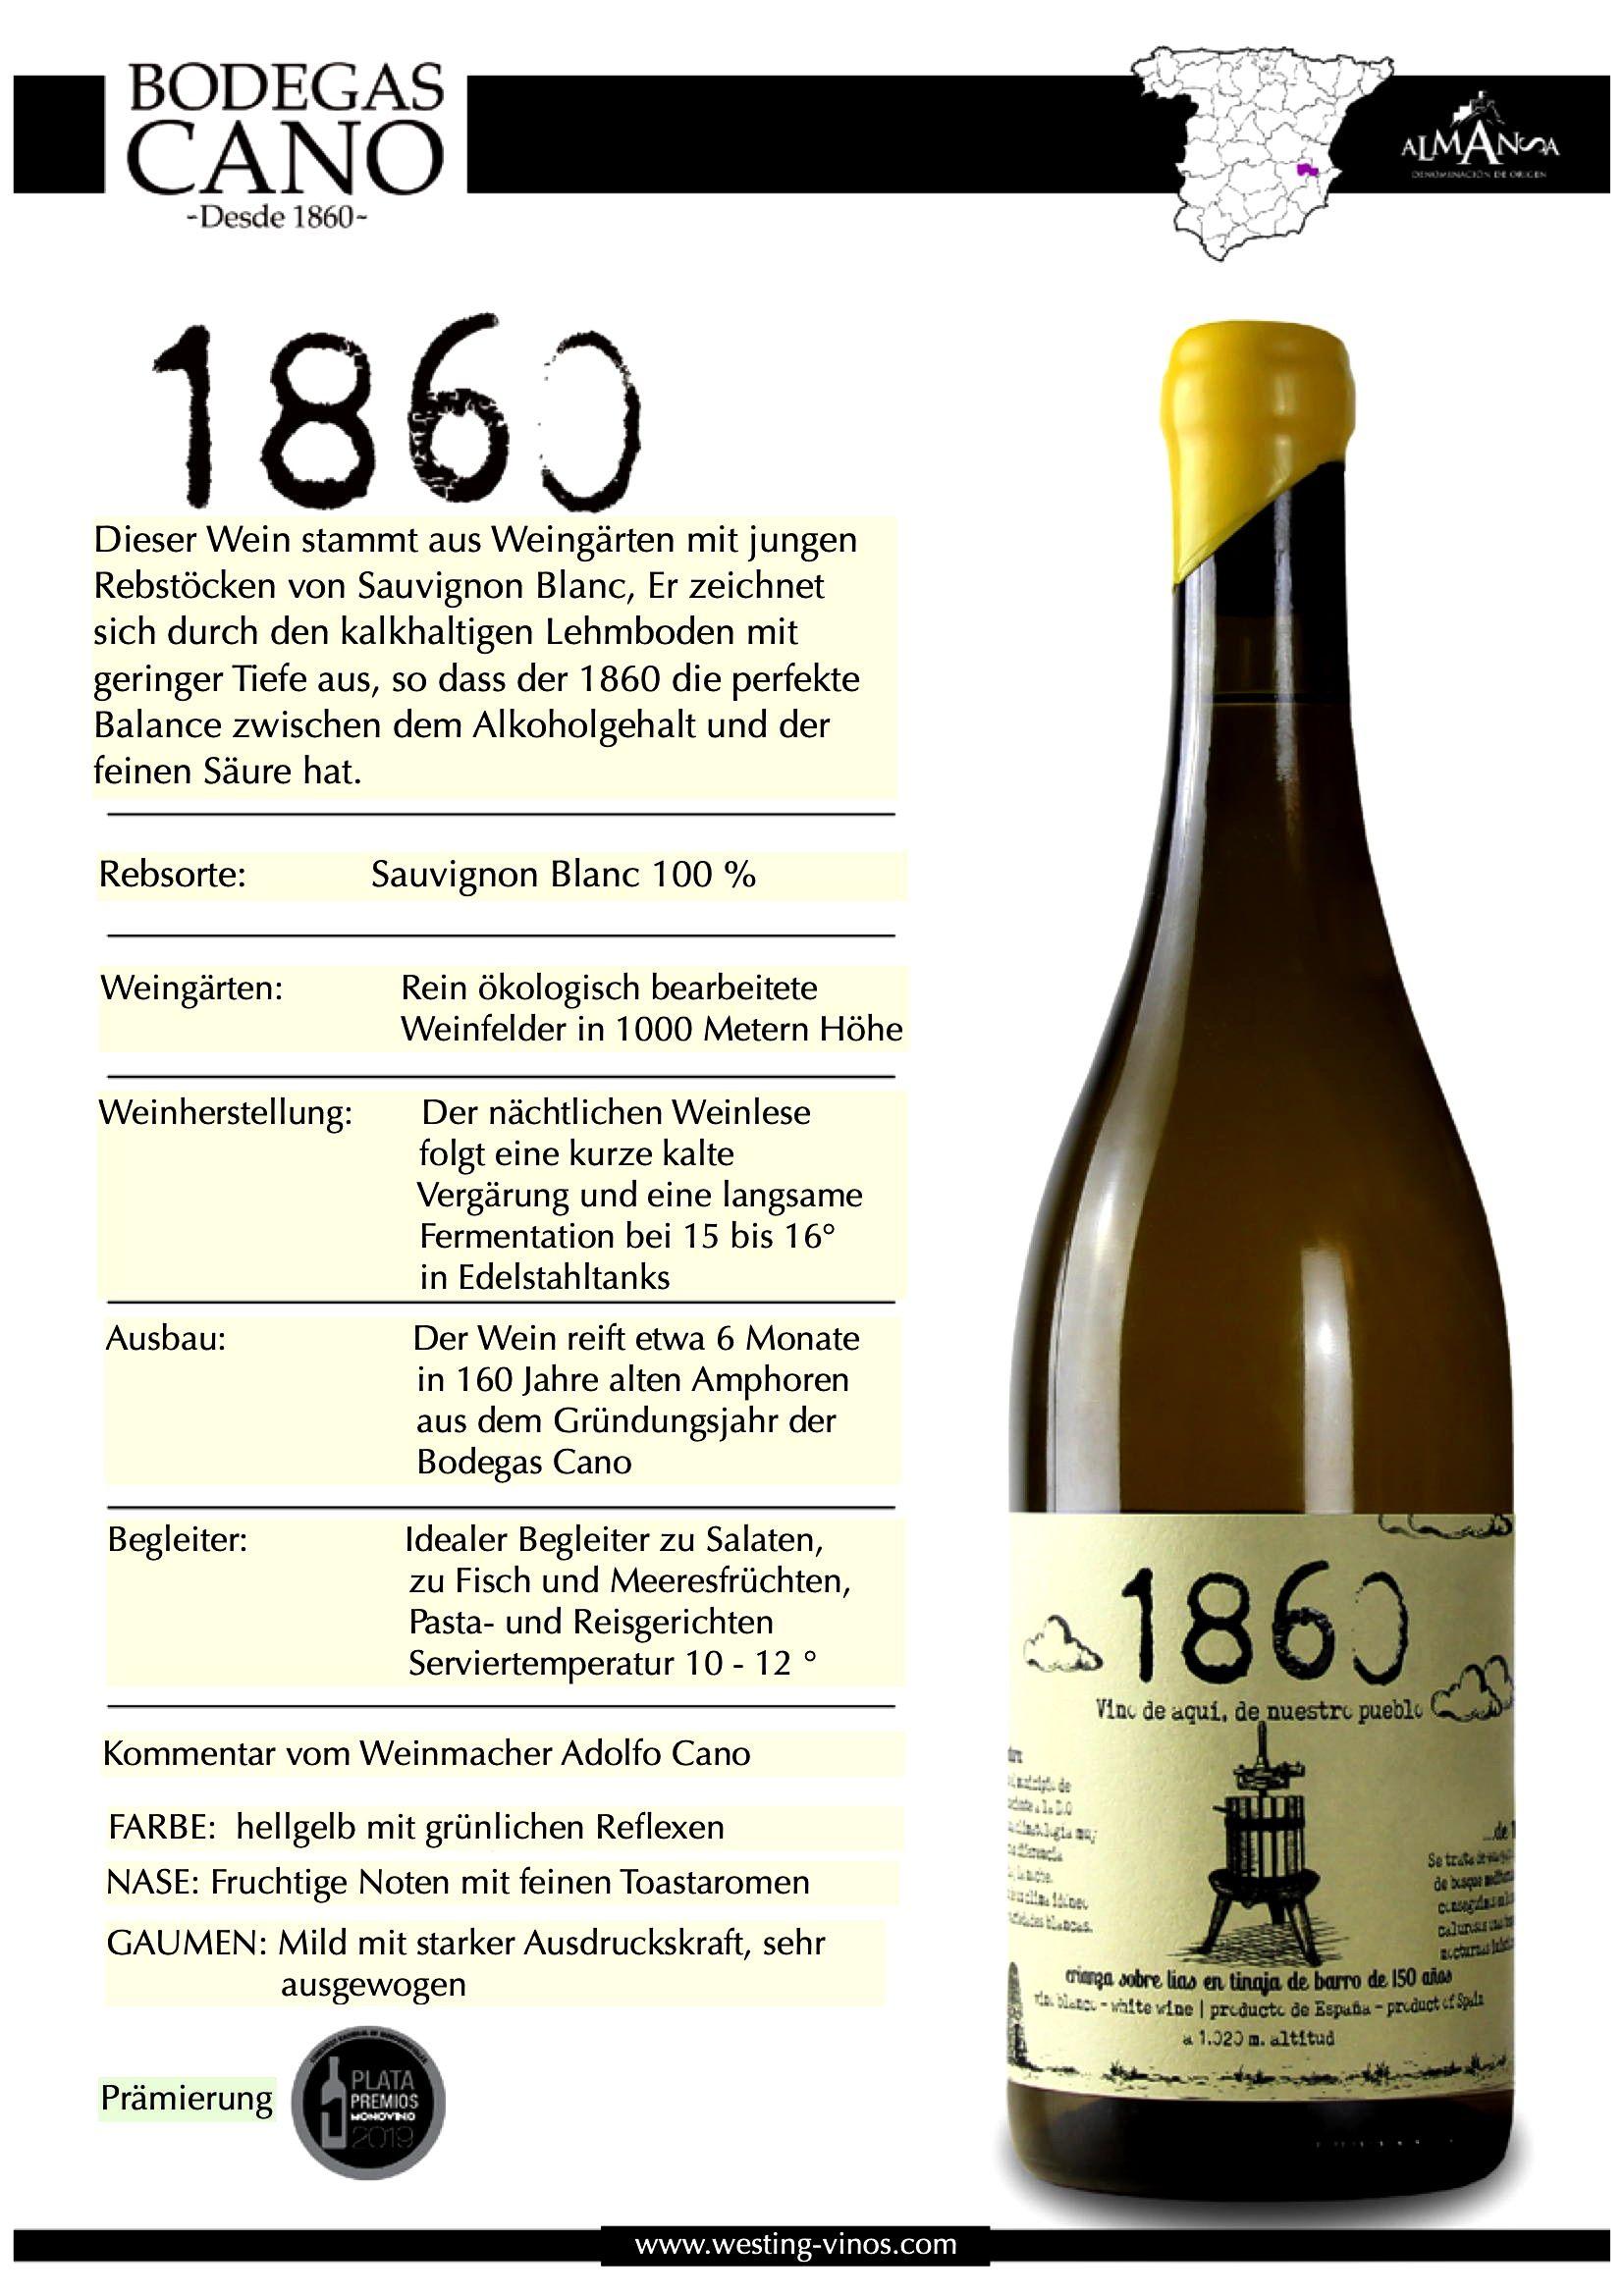 Weine aus Almansa   westing-vinos